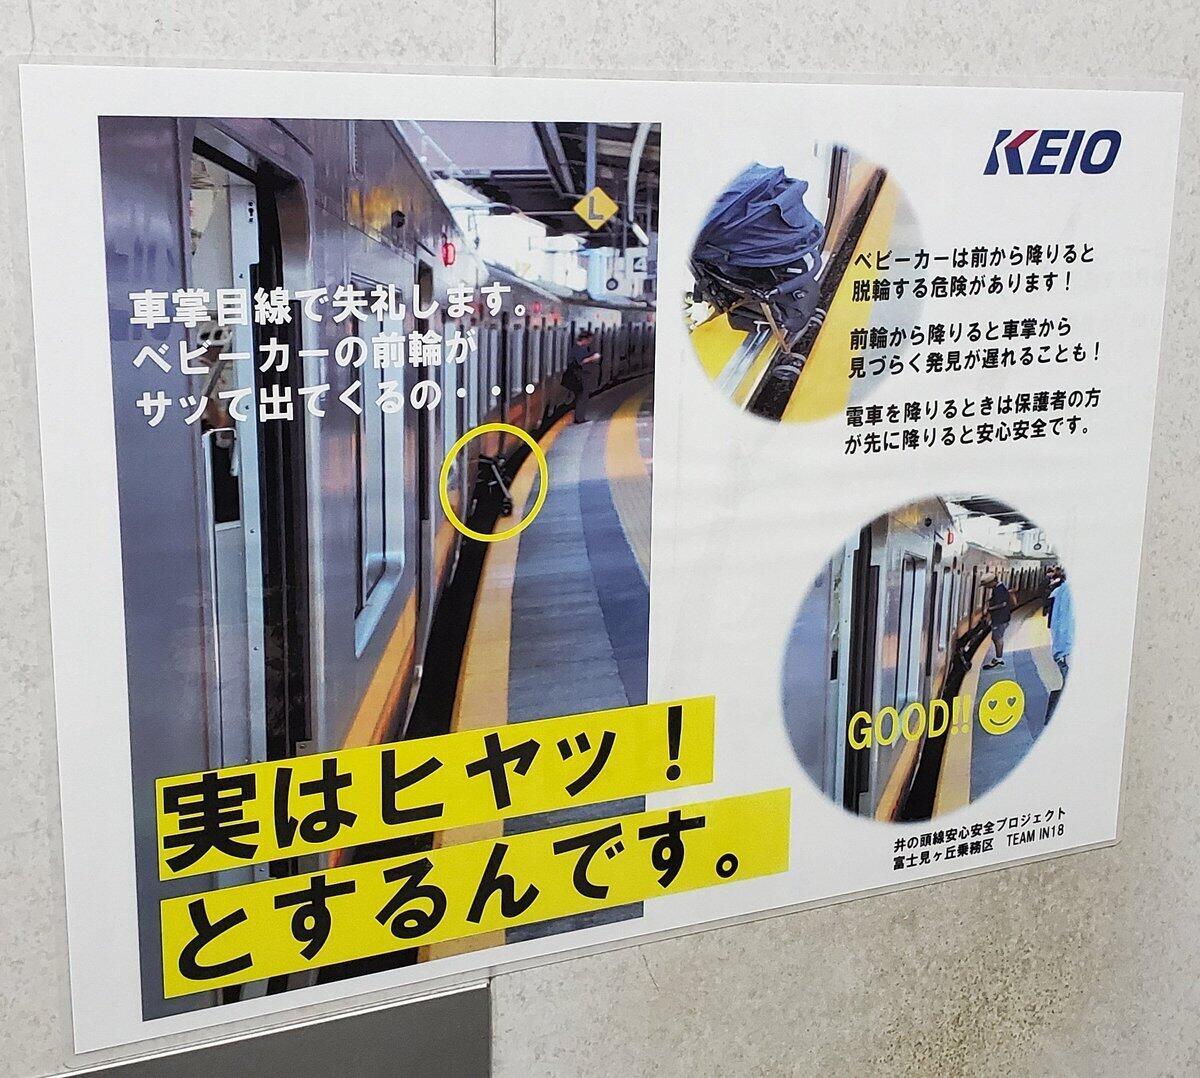 ベビーカー押して電車から降りないで! 「車掌目線」で注意呼びかけ...京王電鉄ポスターに反響